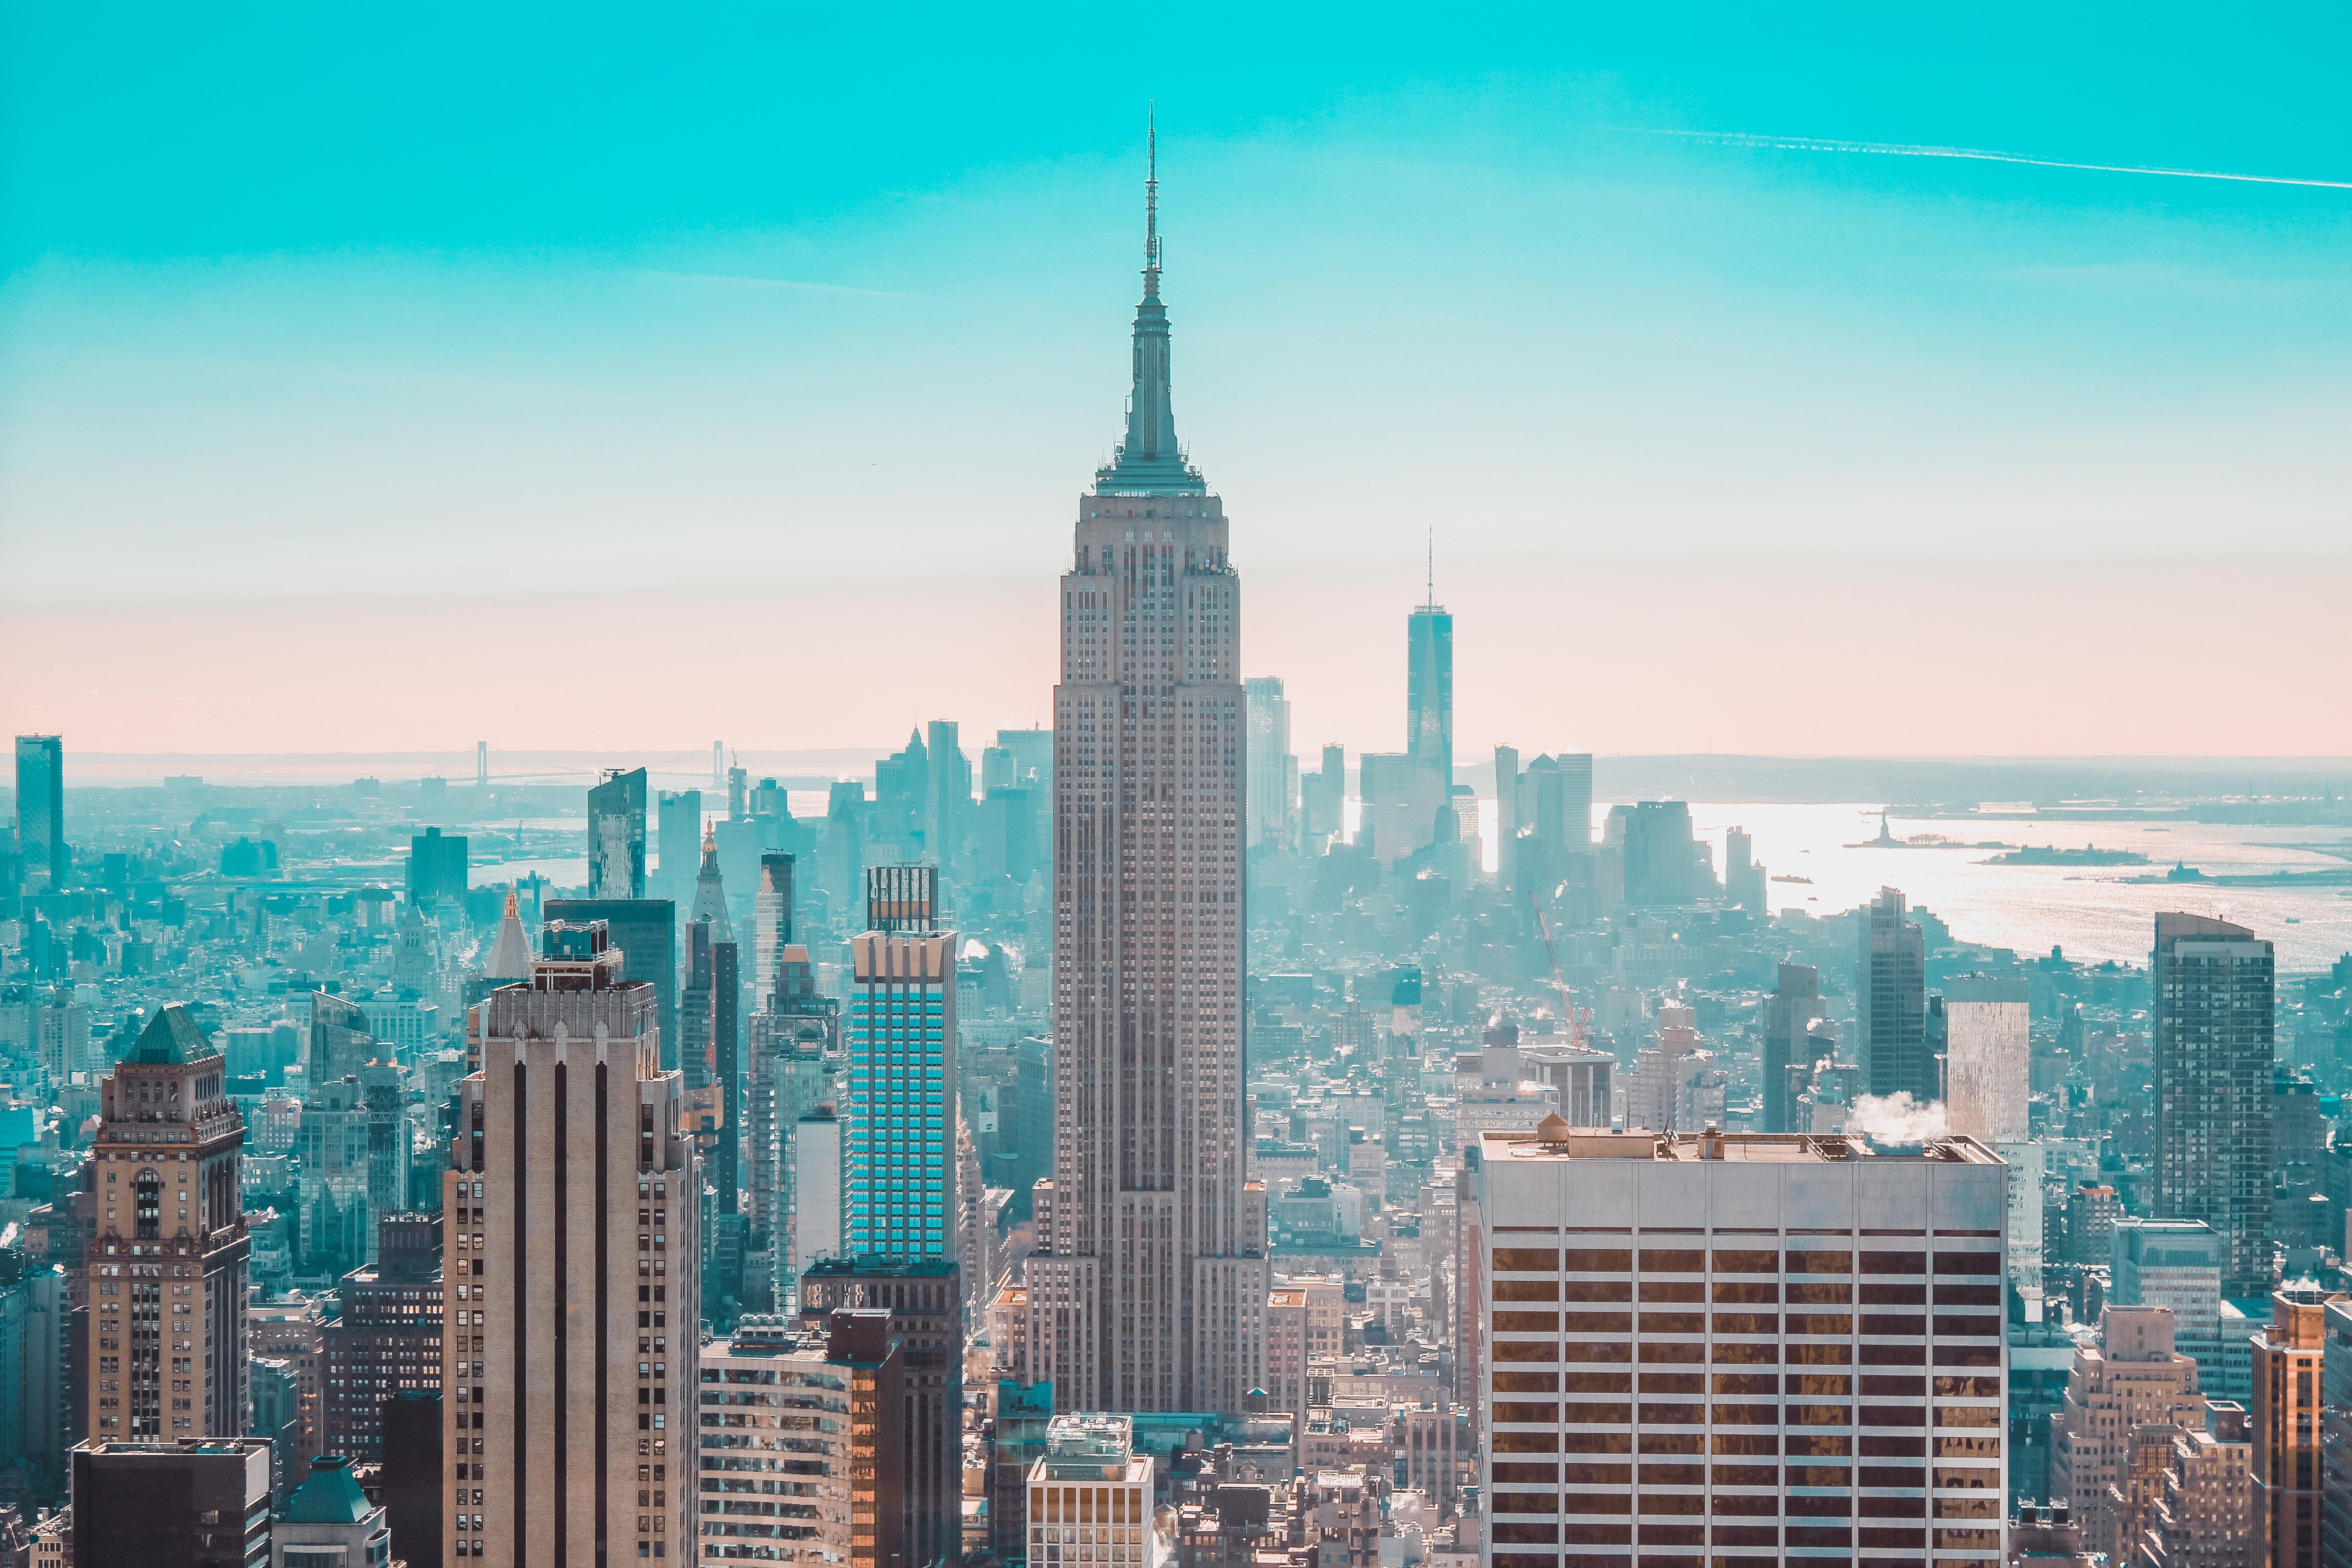 86898 Заставки и Обои Города на телефон. Скачать Город, Здания, Вид Сверху, Небоскребы, Нью-Йорк, Сша, Города картинки бесплатно